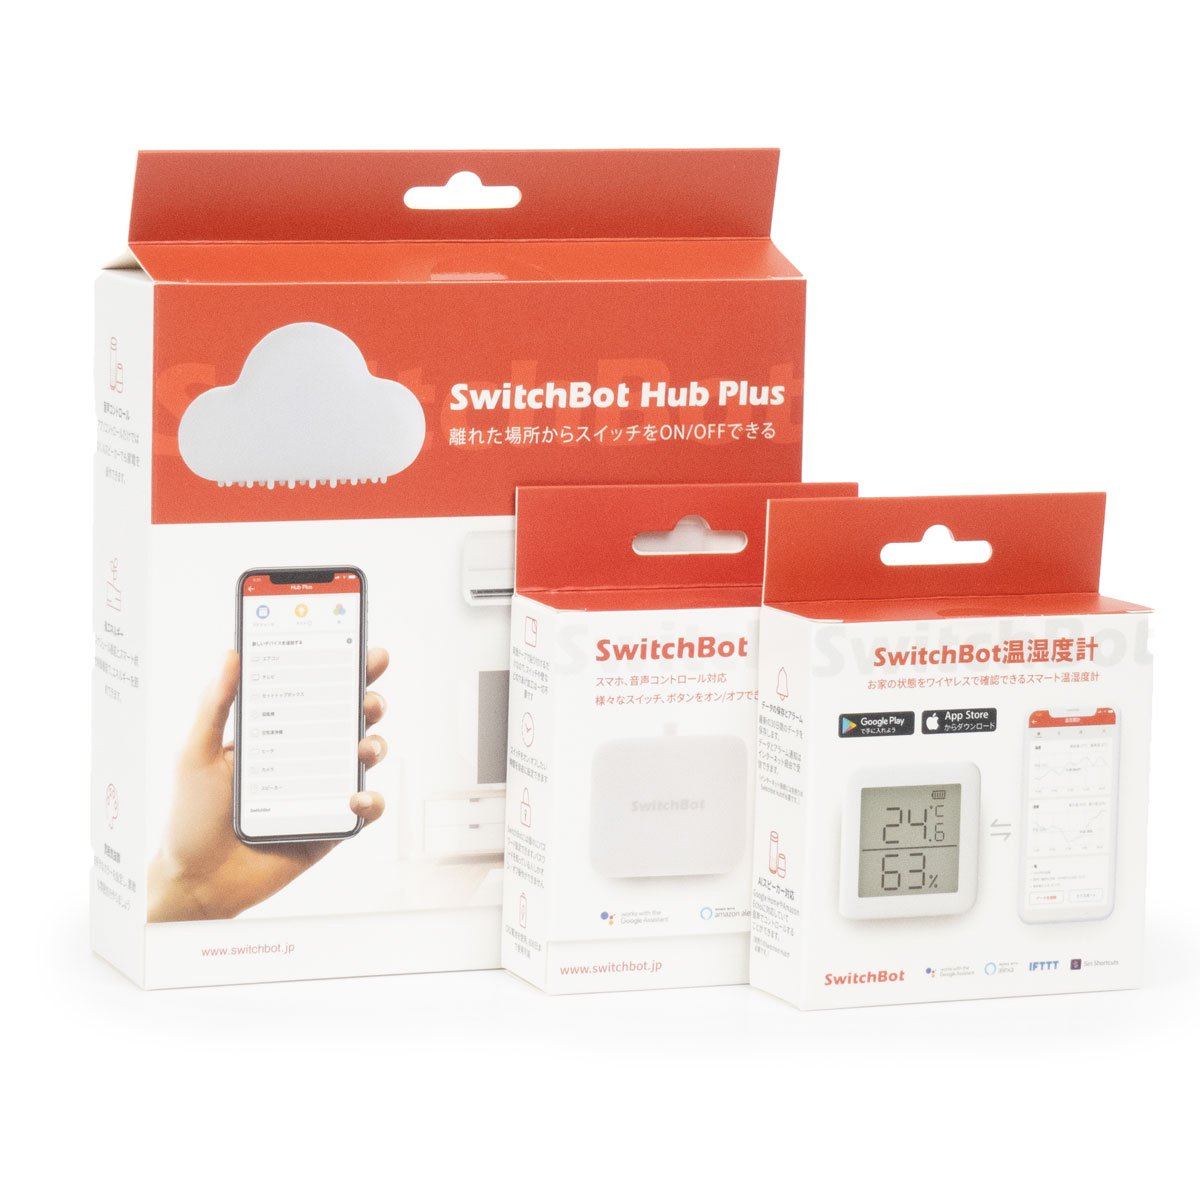 【お買い得セット】Switchbot + Switchbot Hub Plus + Switchbot温湿度(Meter)